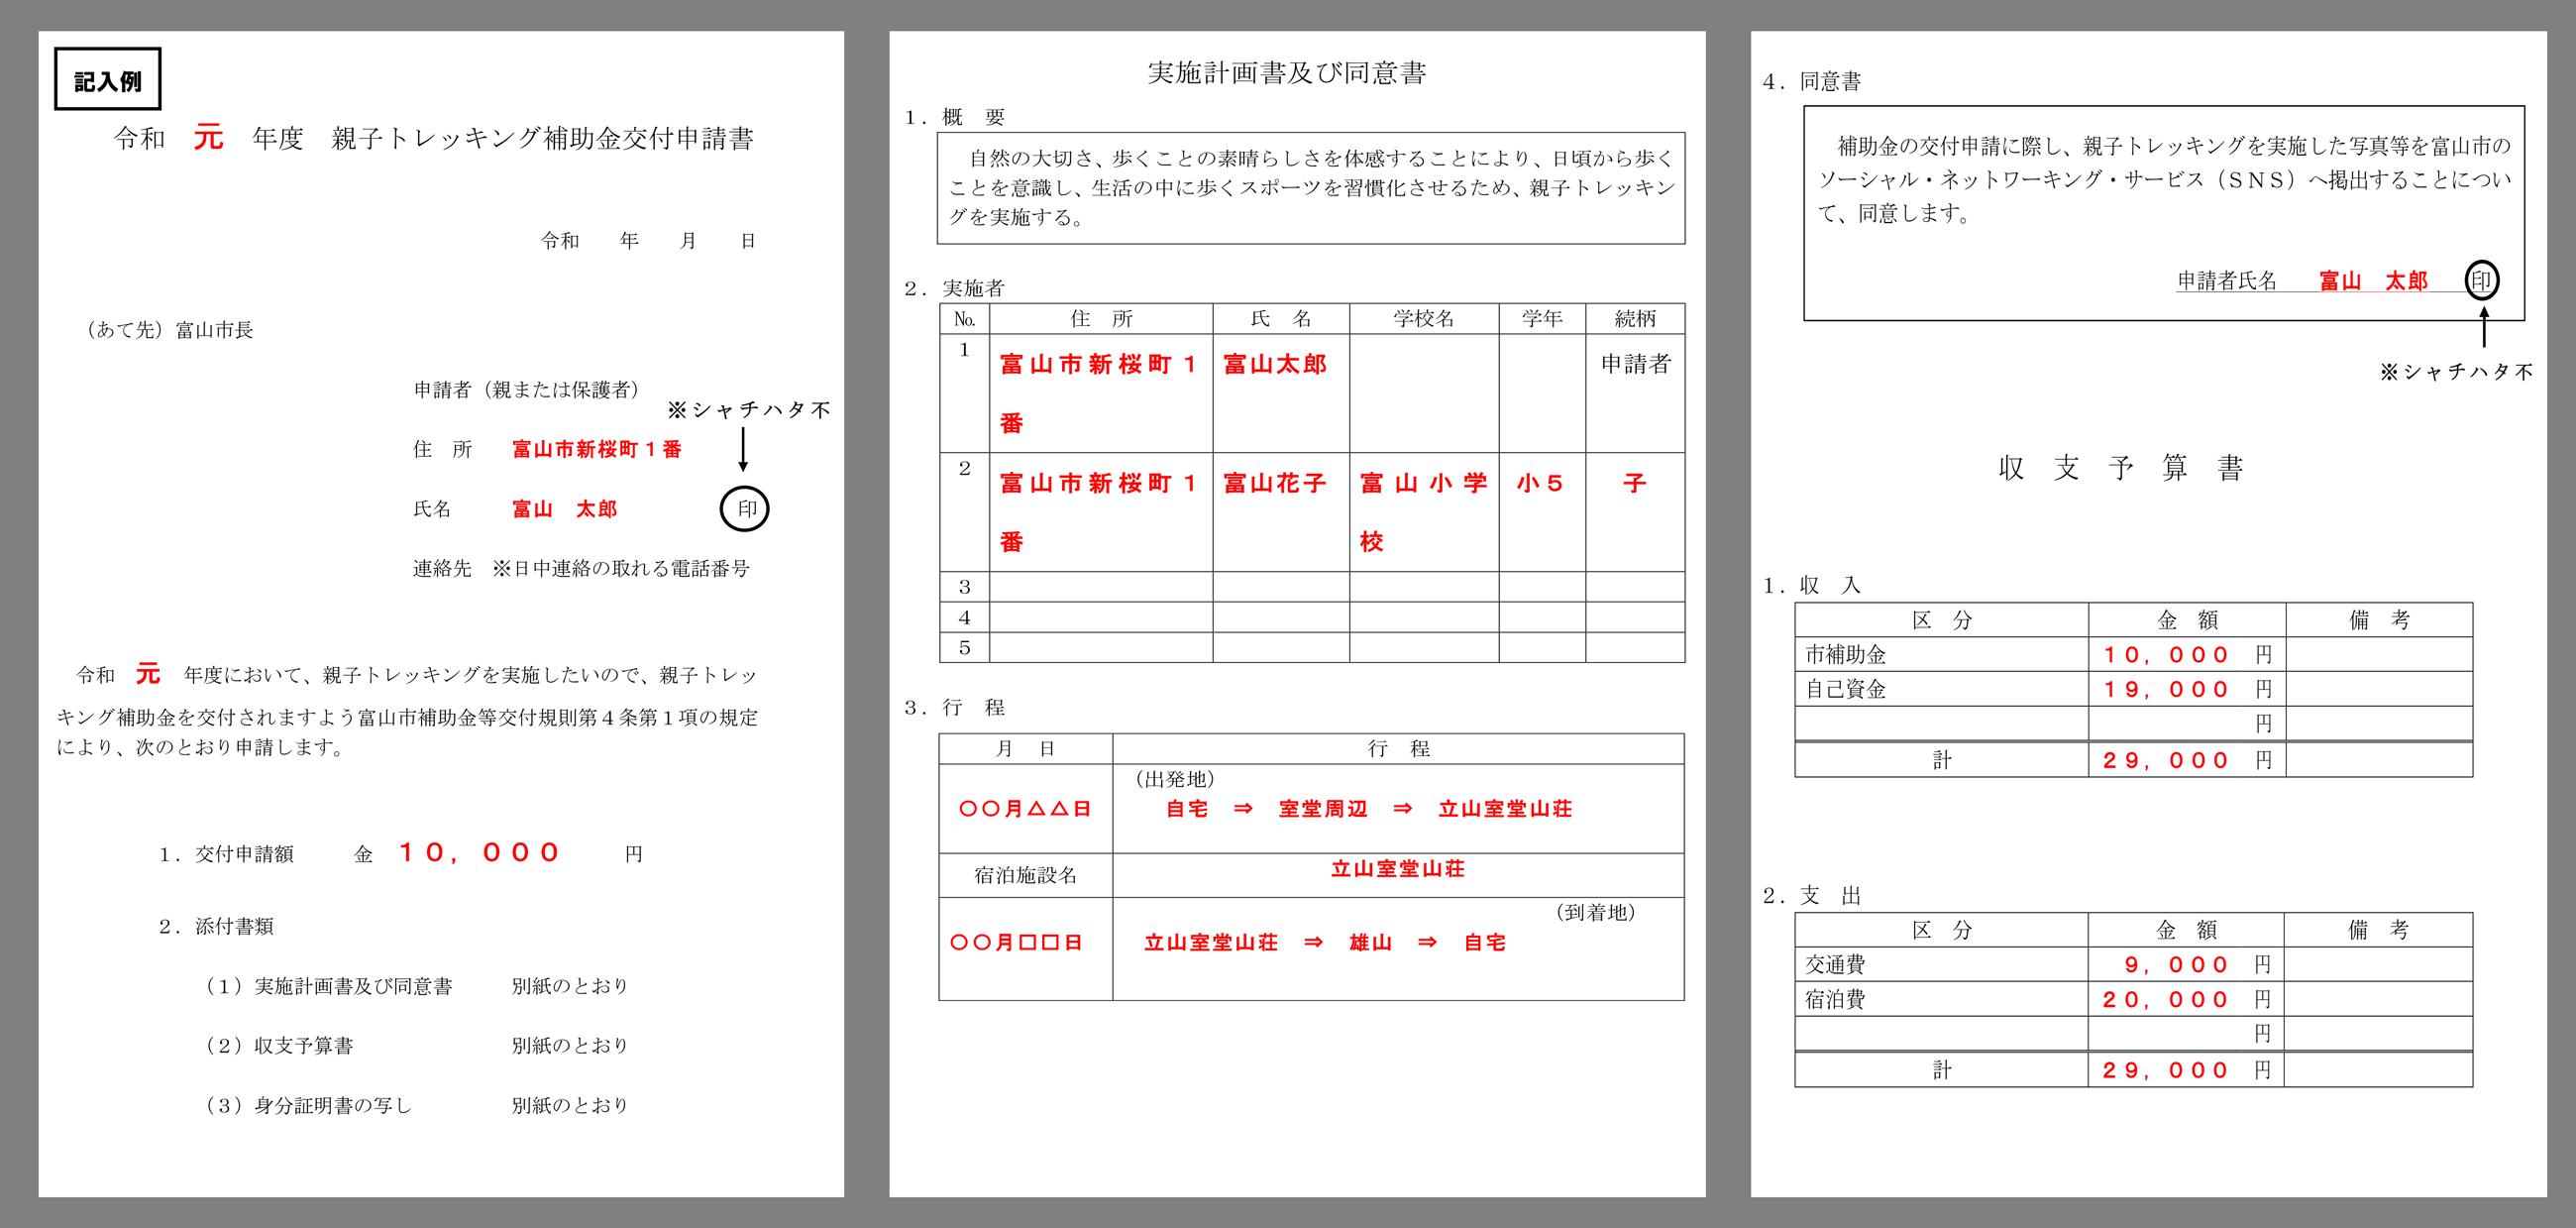 富山市の「親子トレッキング補助金」の申請書の記入例